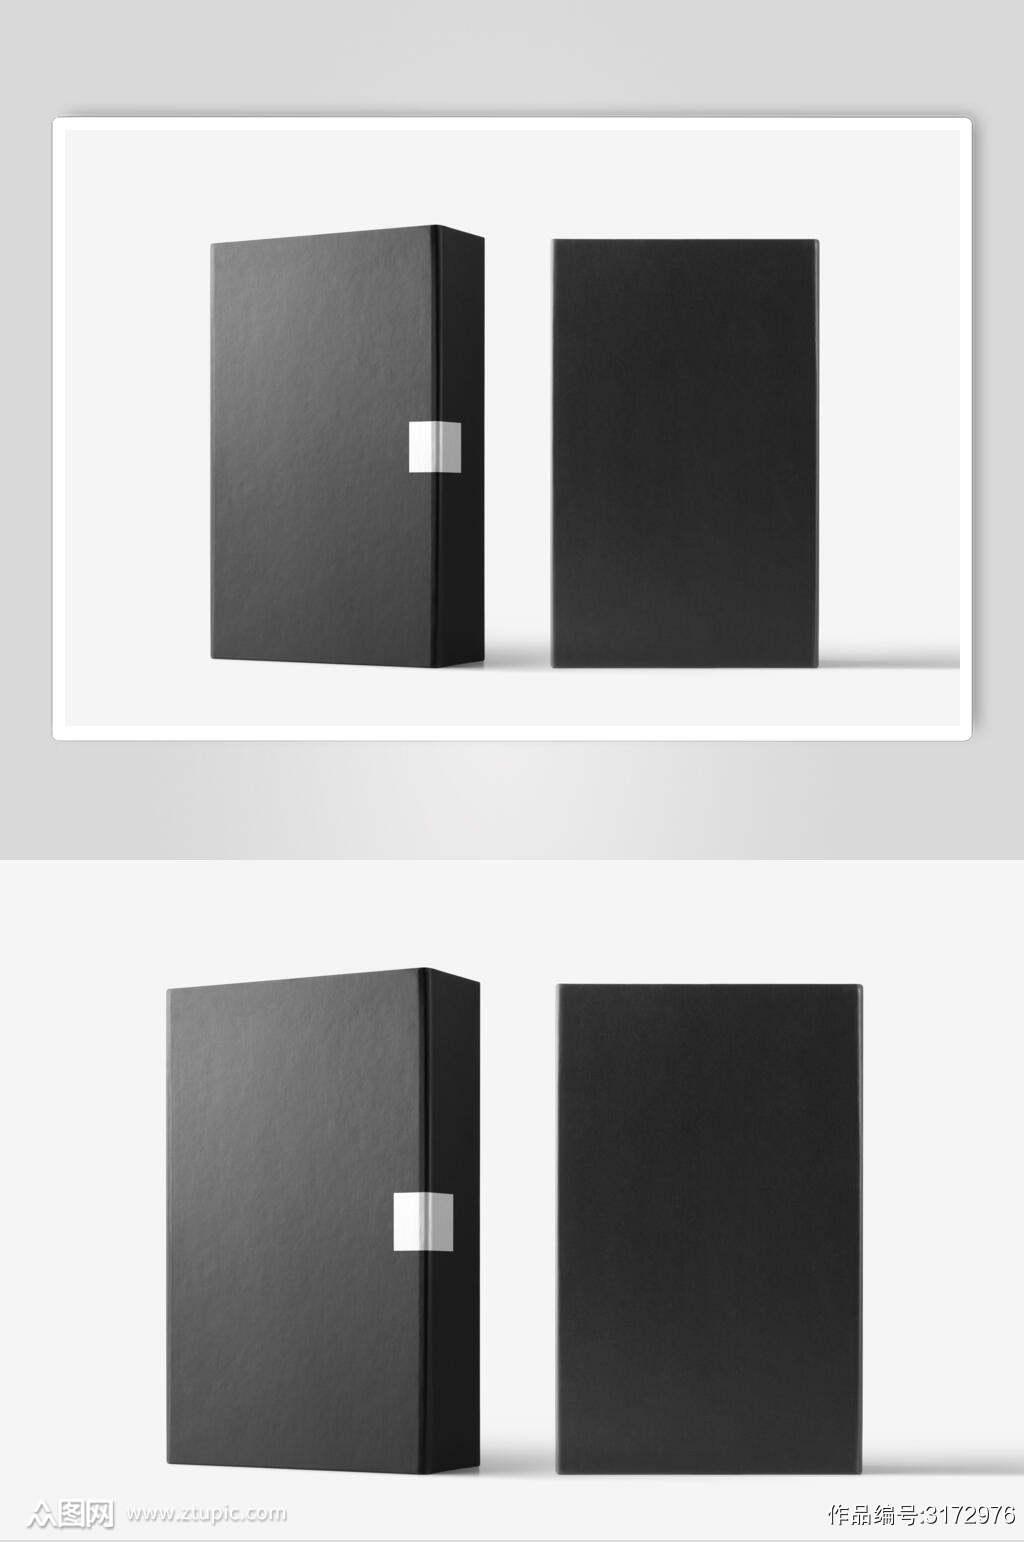 低调笔记本简约文创样机素材